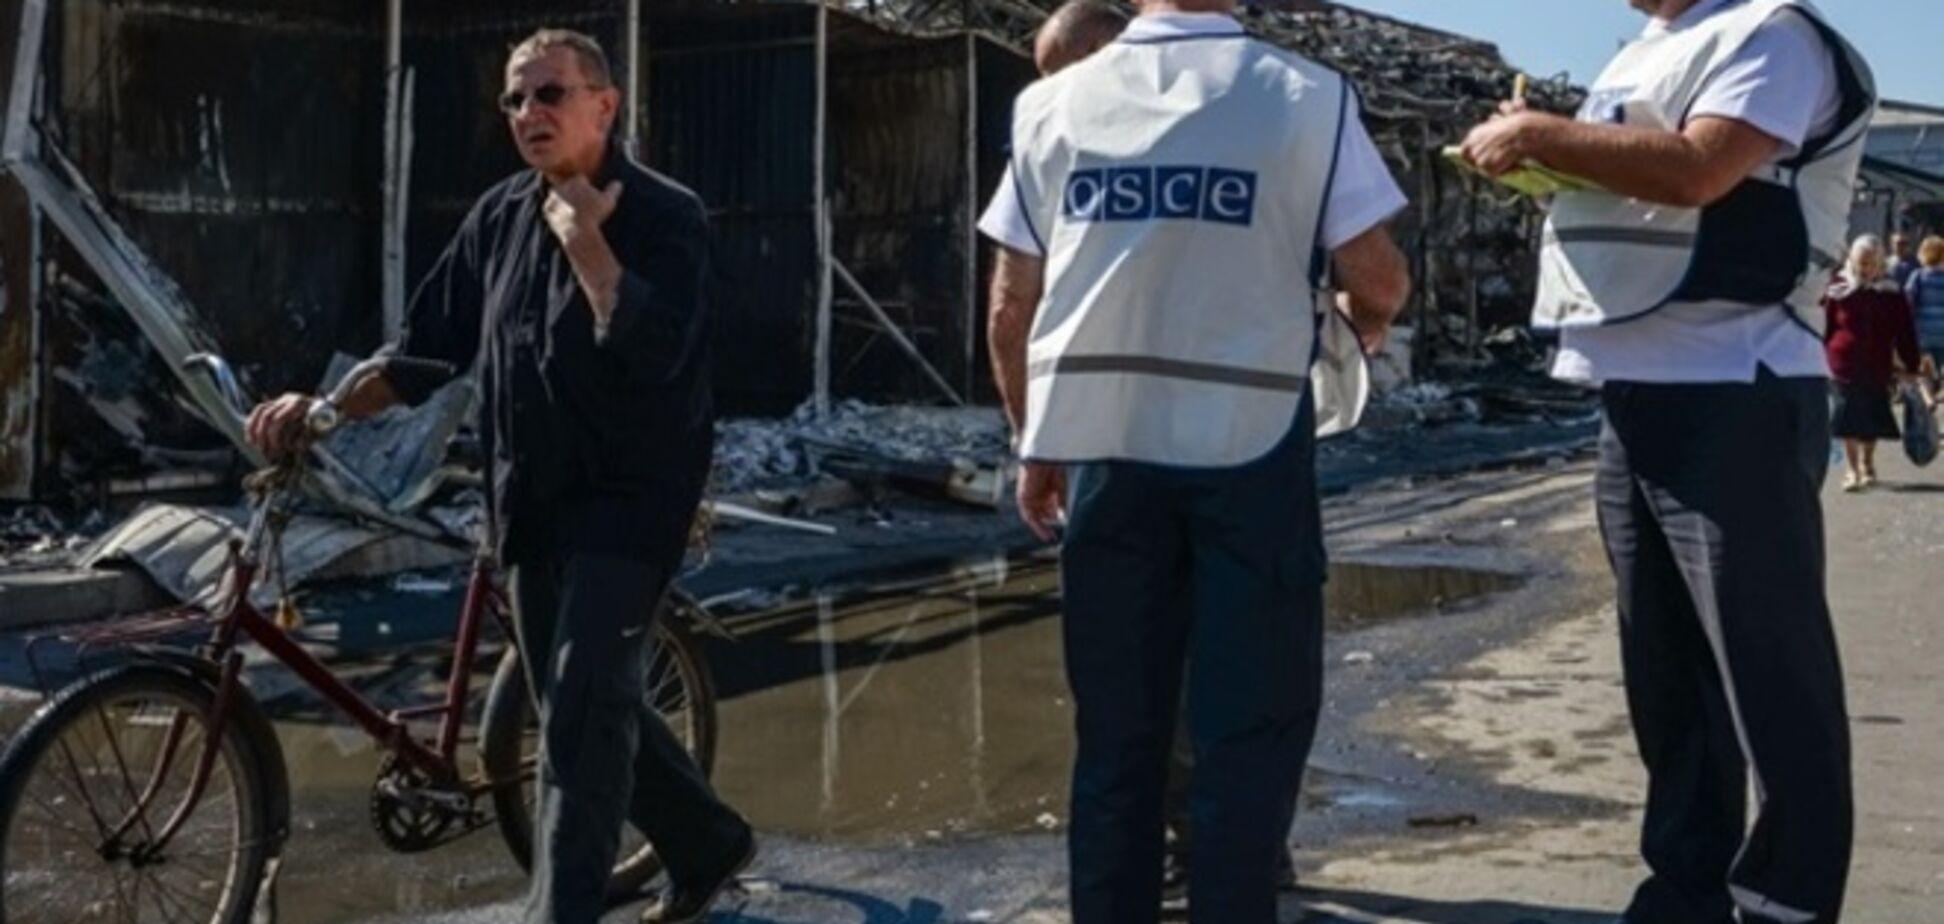 Россия требует увеличить в 2 раза количество своих наблюдателей ОБСЕ в Украине